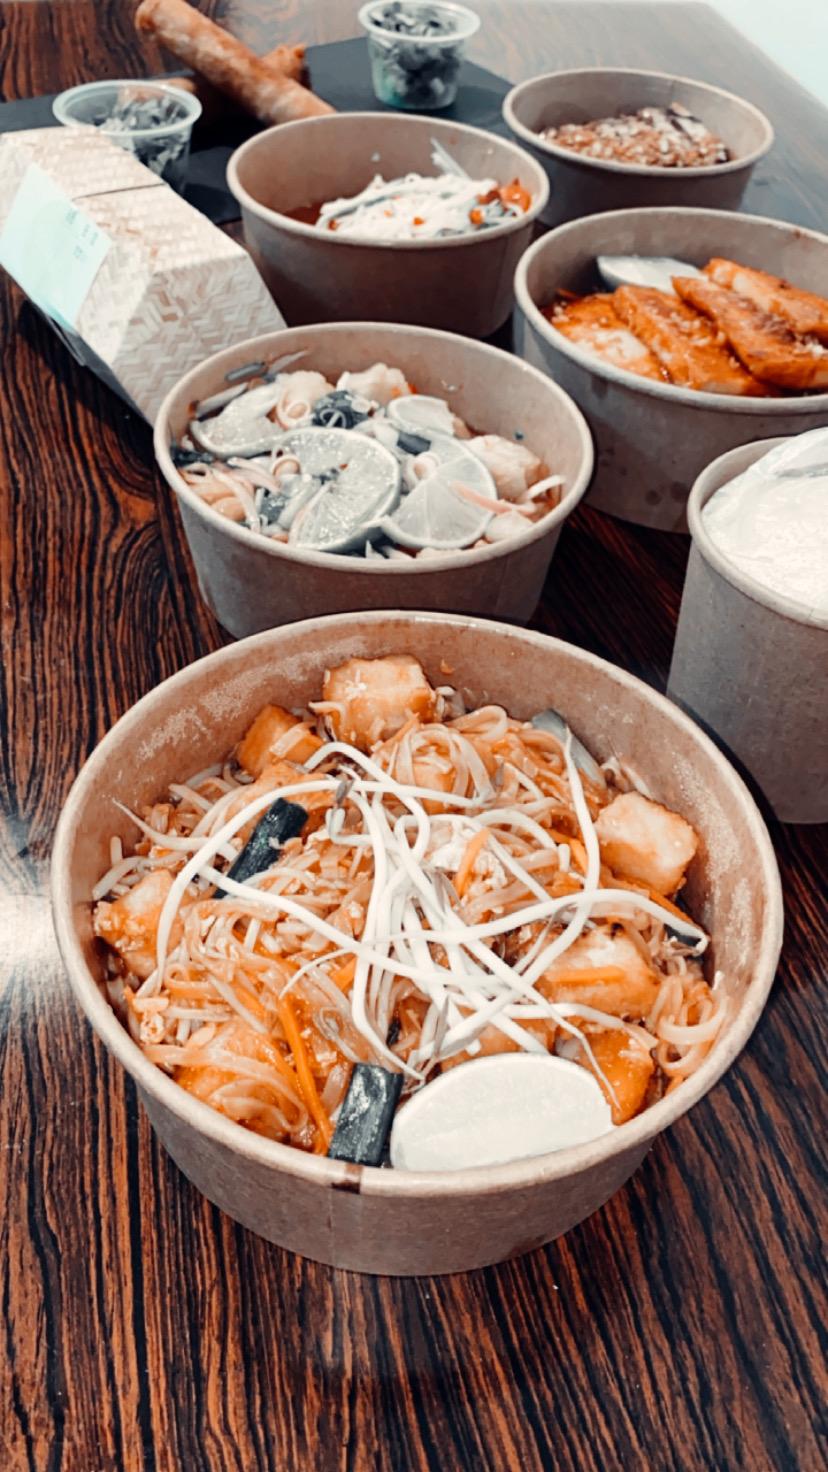 נאם - מסעדה תאילנדית. צילום: רוני שקדי